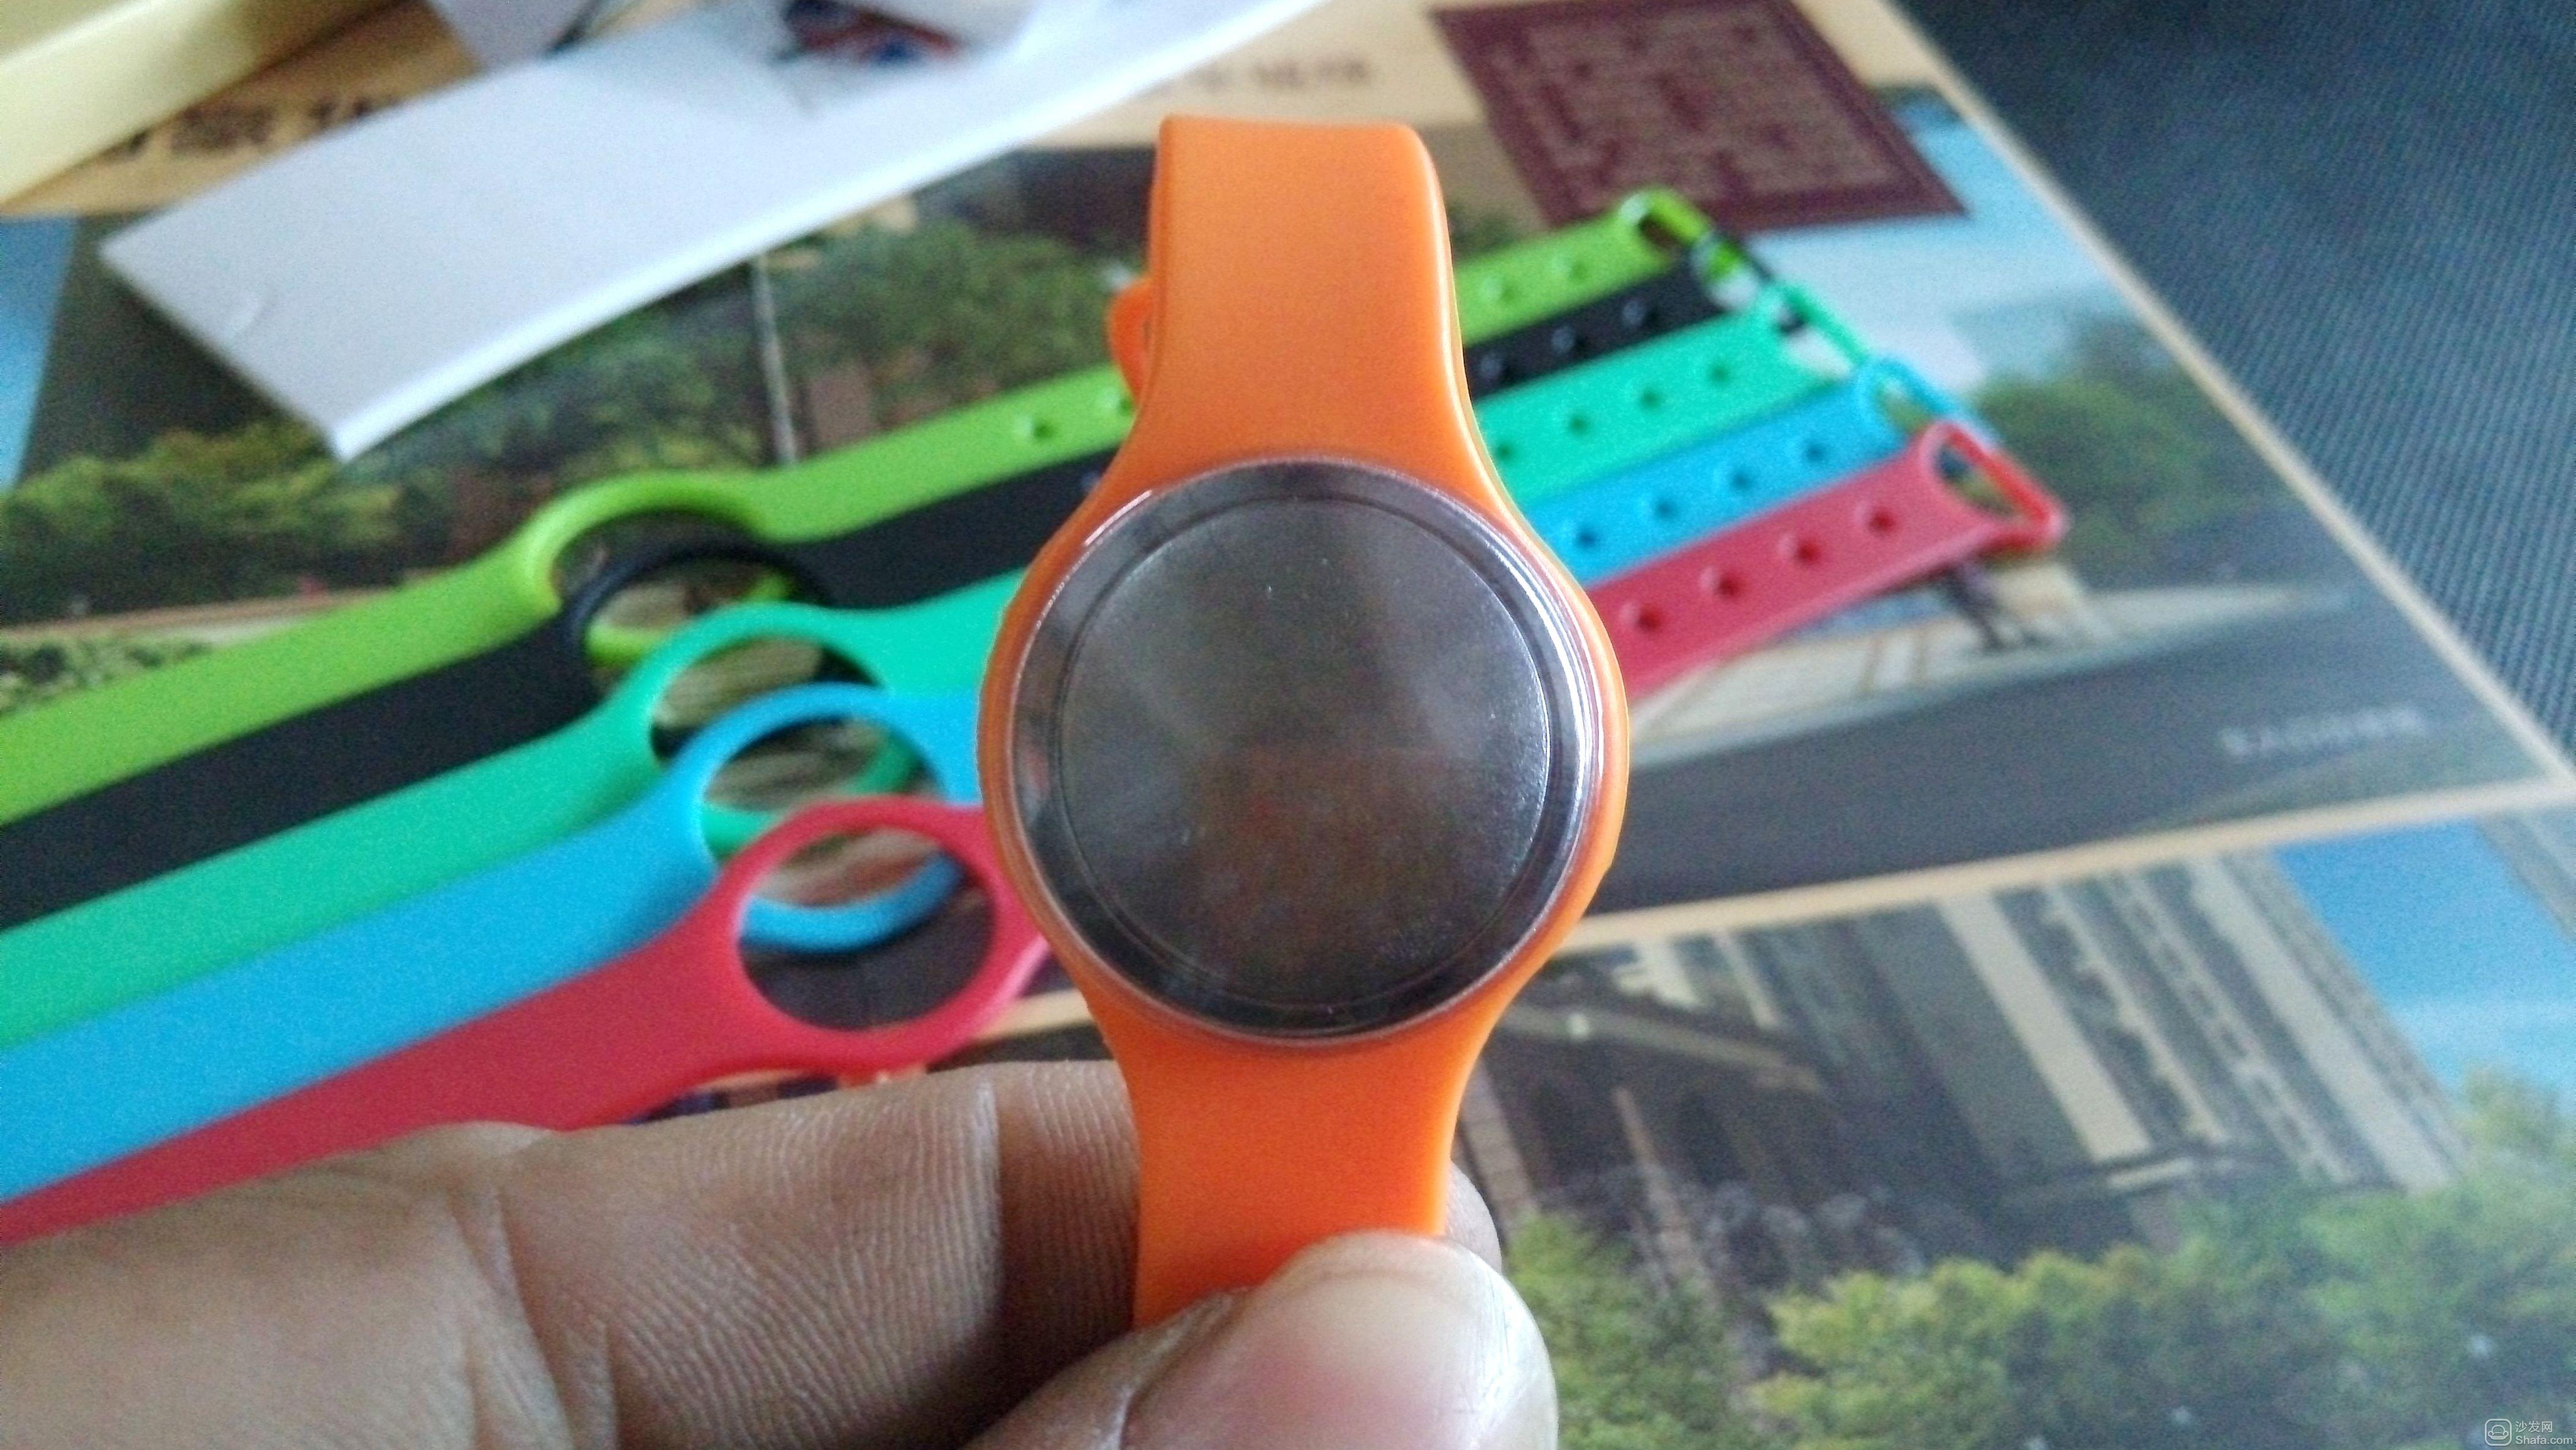 敏狐智能手环 采用纽扣电池的一款智能手环